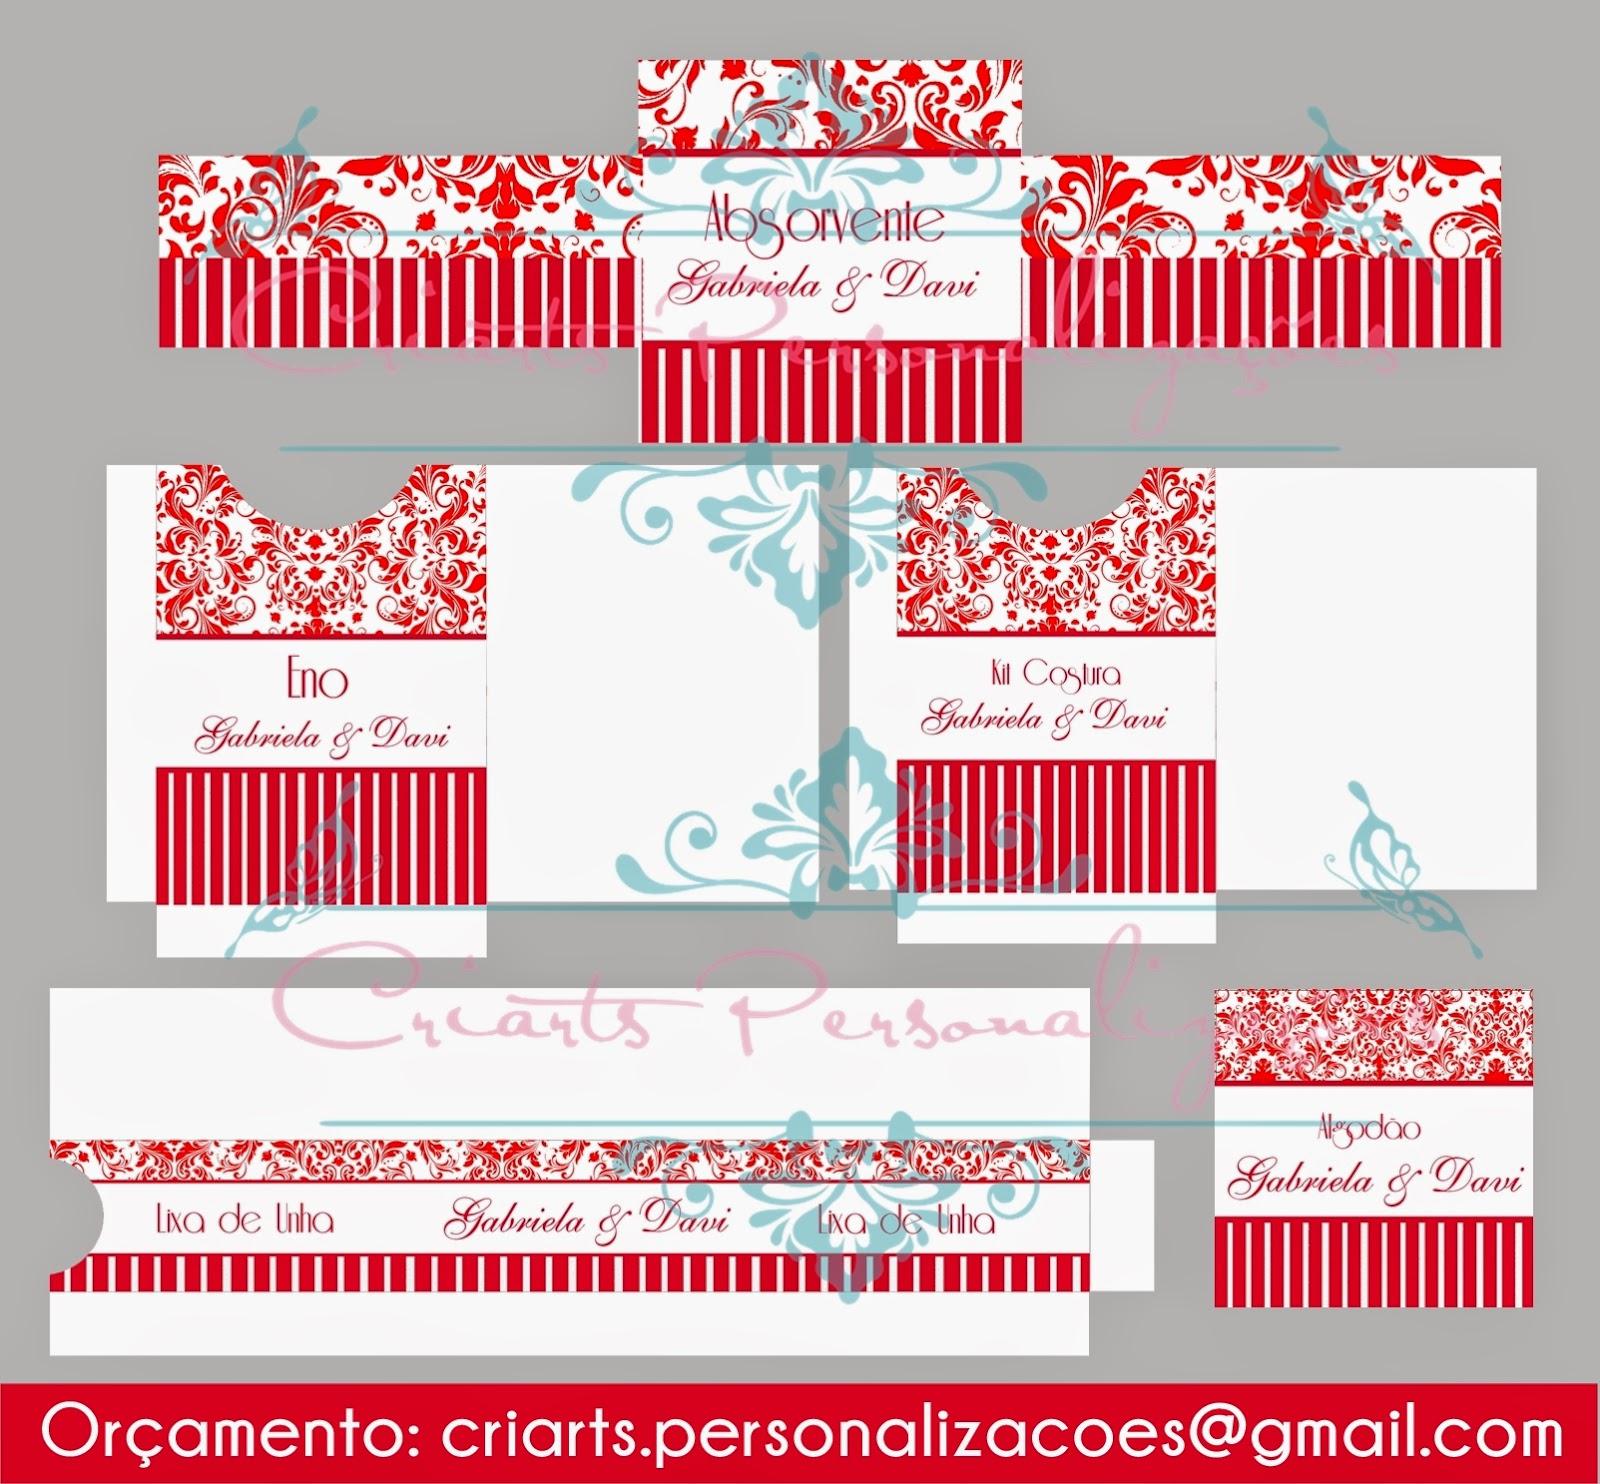 Kit De Banheiro Vermelho E Branco : Criarts personaliza?es kit banheiro vermelho e branco